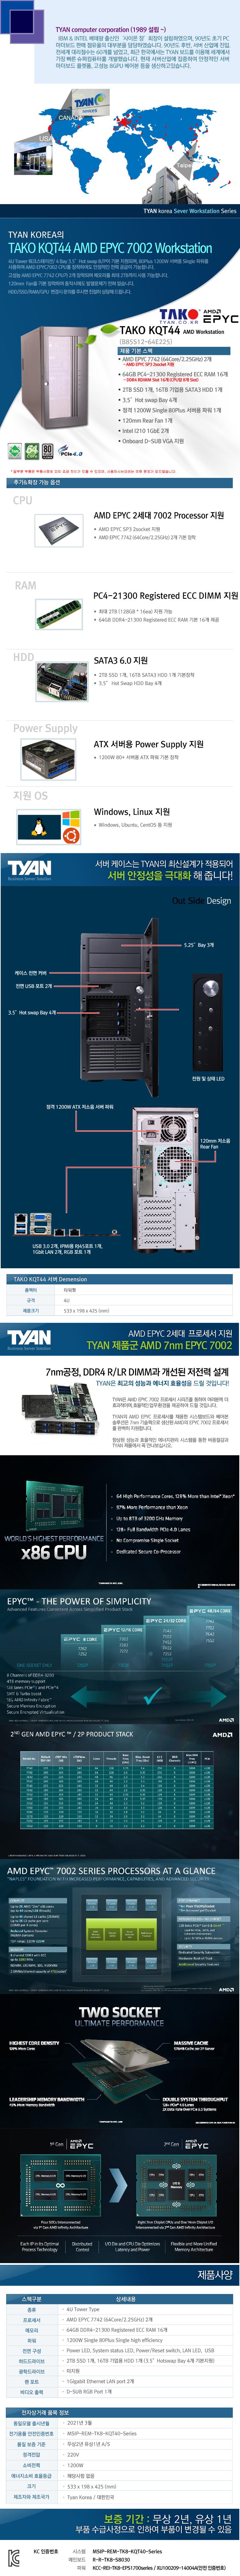 TYAN TAKO-KQT44-(B85S12-64E225) (1024GB, SSD 2TB + 16TB)